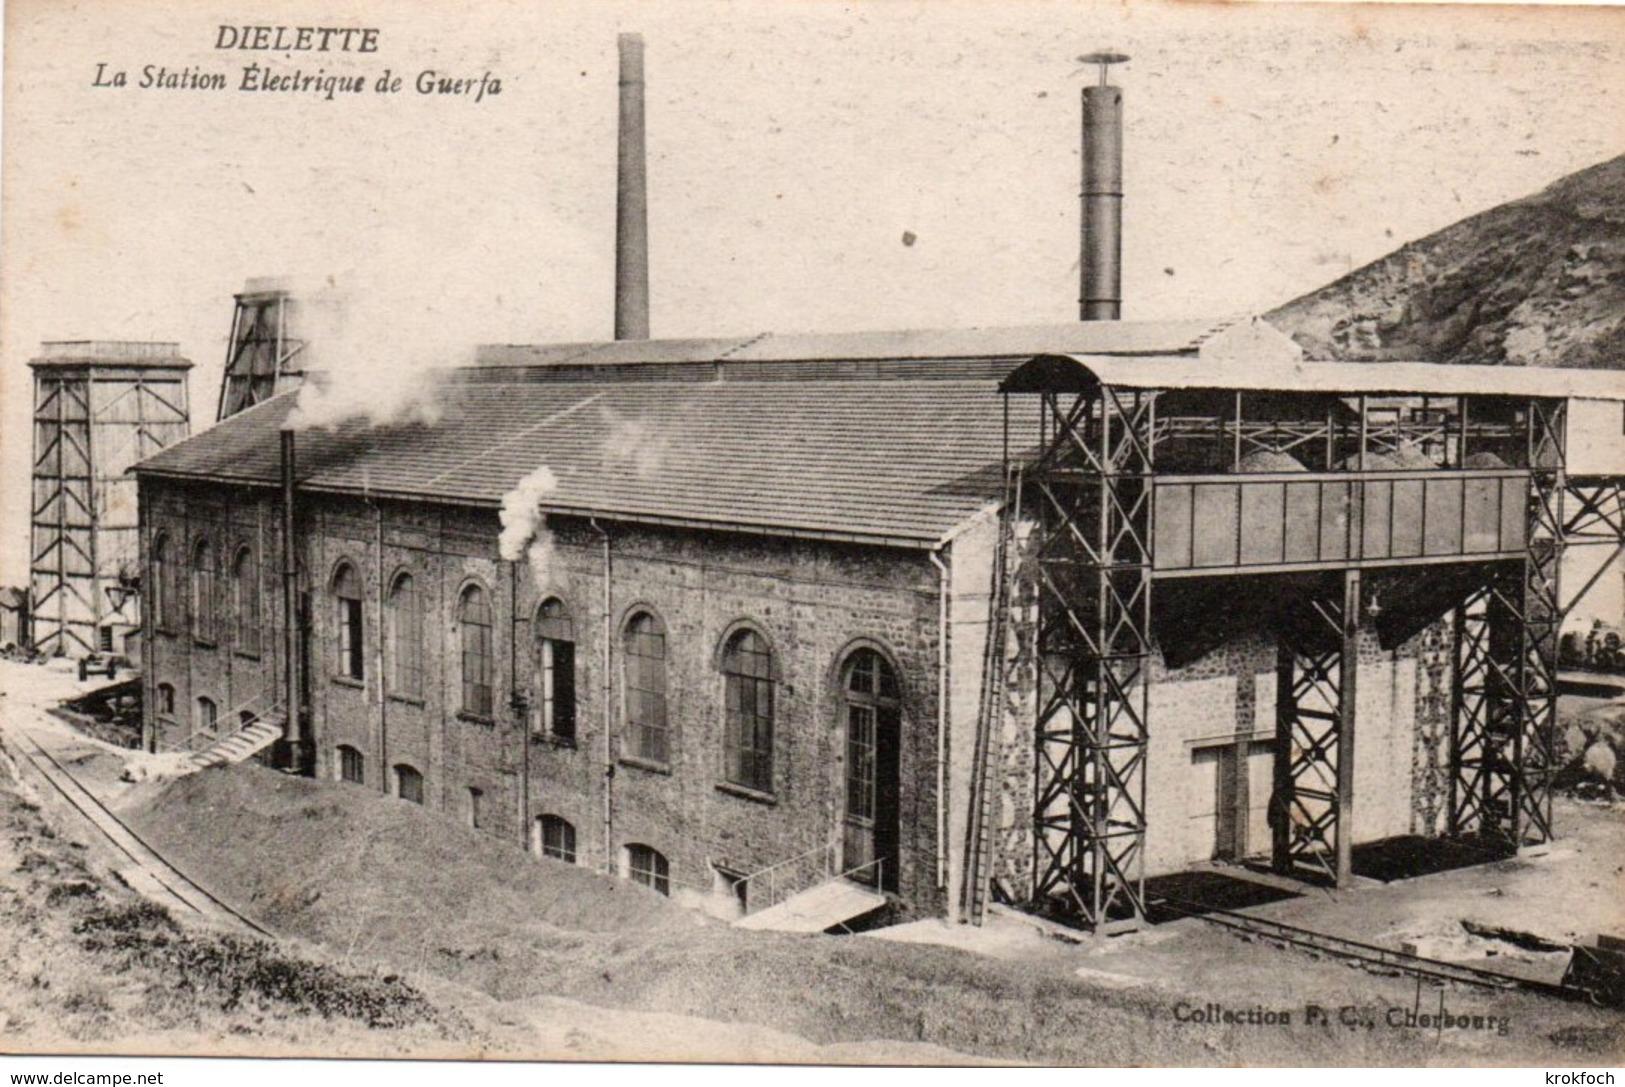 Diélette Flamanville - Station électrique De Guerfa - Collection FC Cherbourg - France